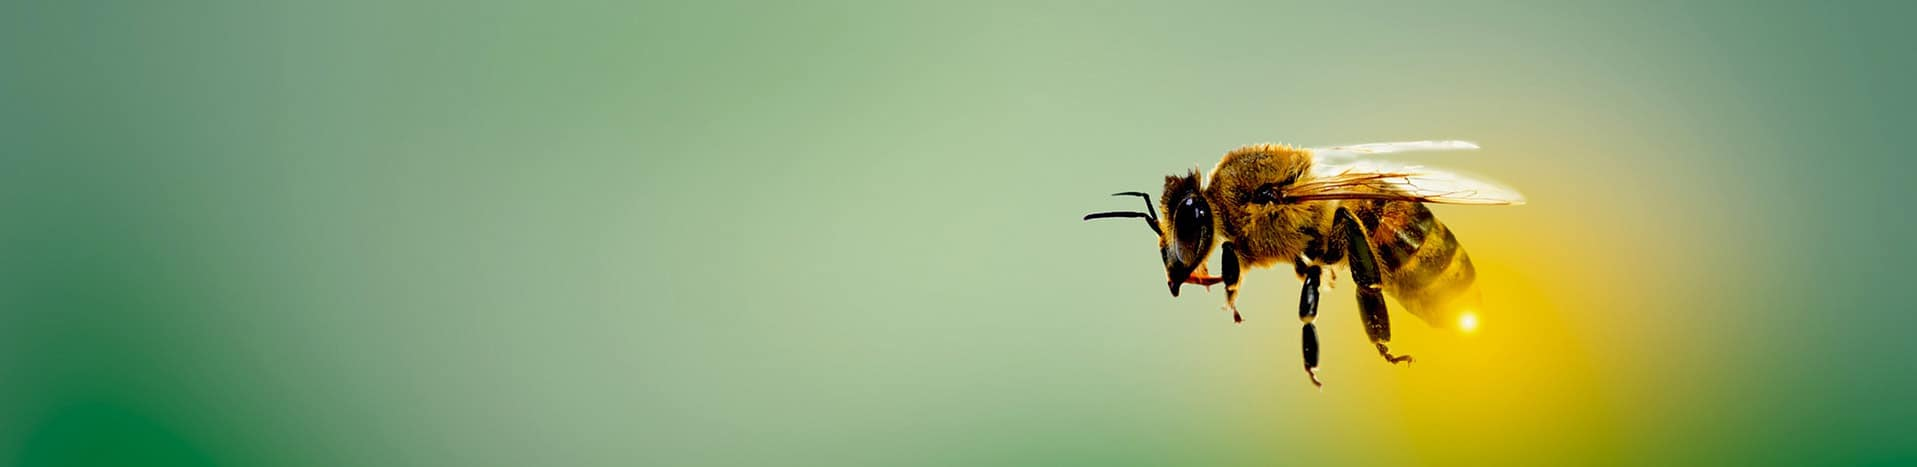 Kunden und Projekte IT Bienen